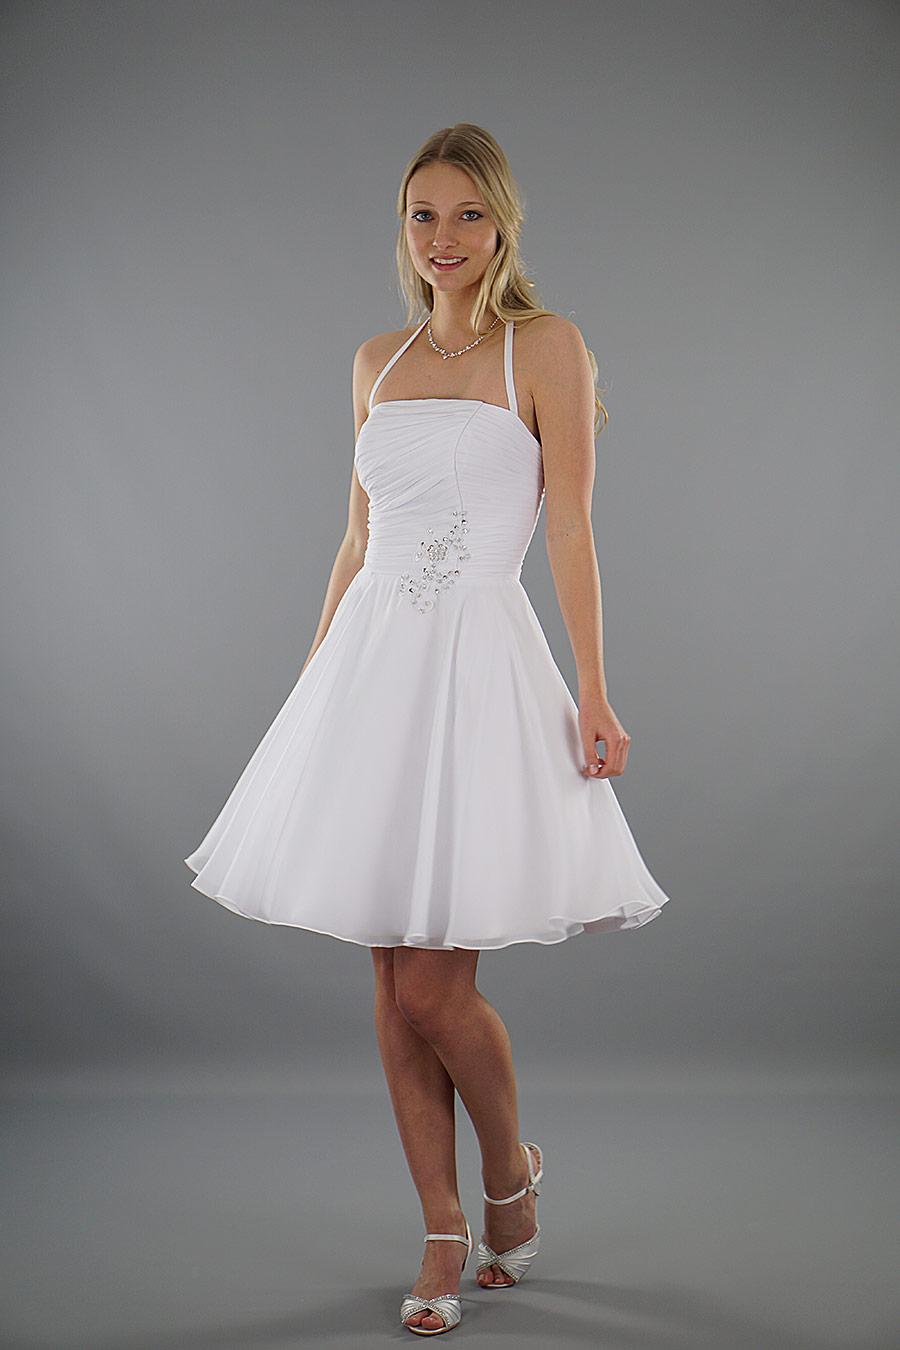 Brautkleid Luna - kurzes Hochzeitskleid | Schmetterling ...